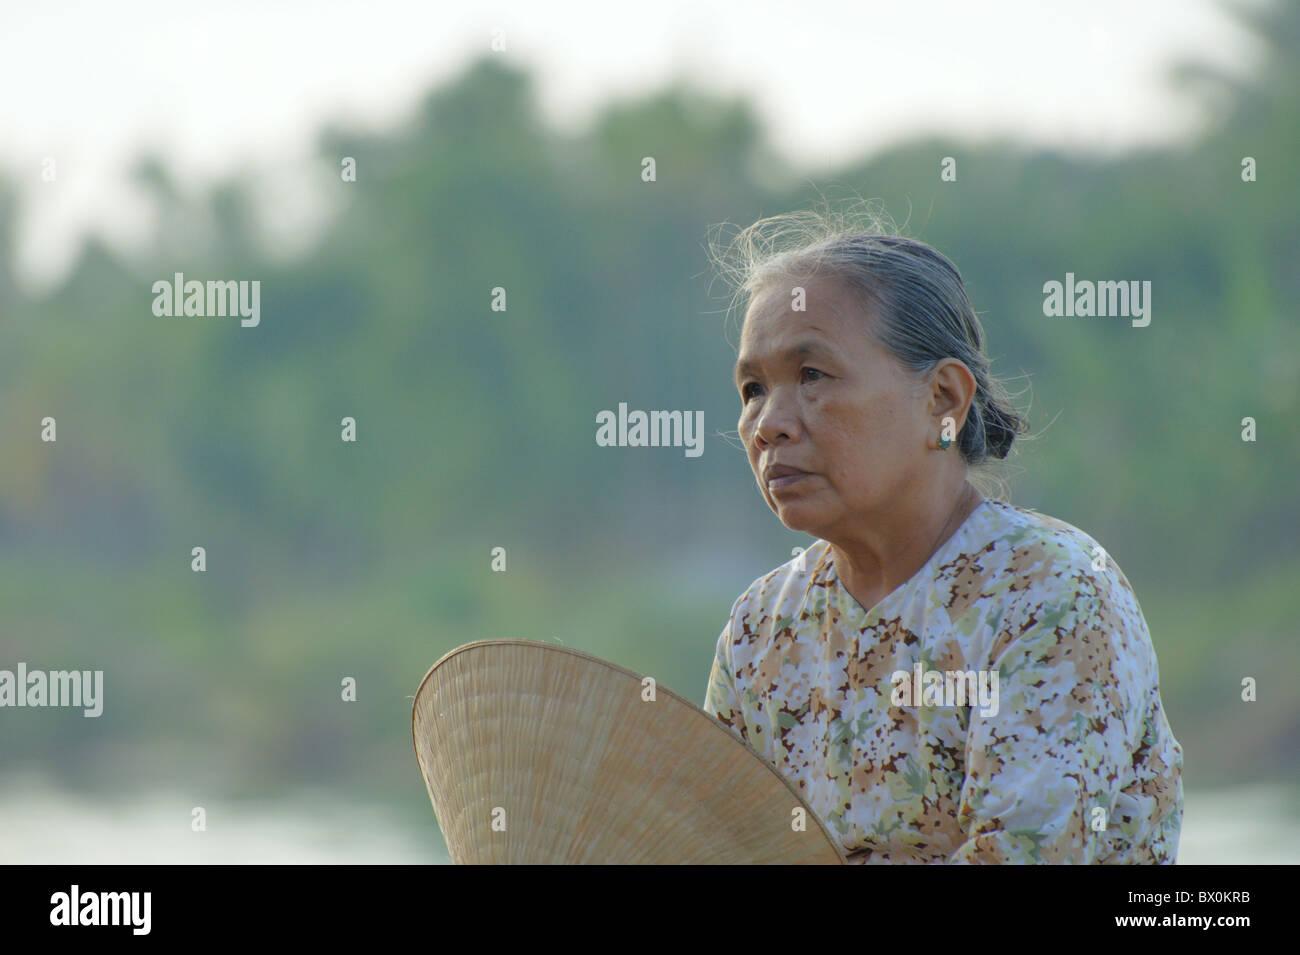 Unidentified donna assume un riposo nelle prime ore del mattino di sole sulla luglio 12, 2010 a Hoi An, Vietnam. Immagini Stock